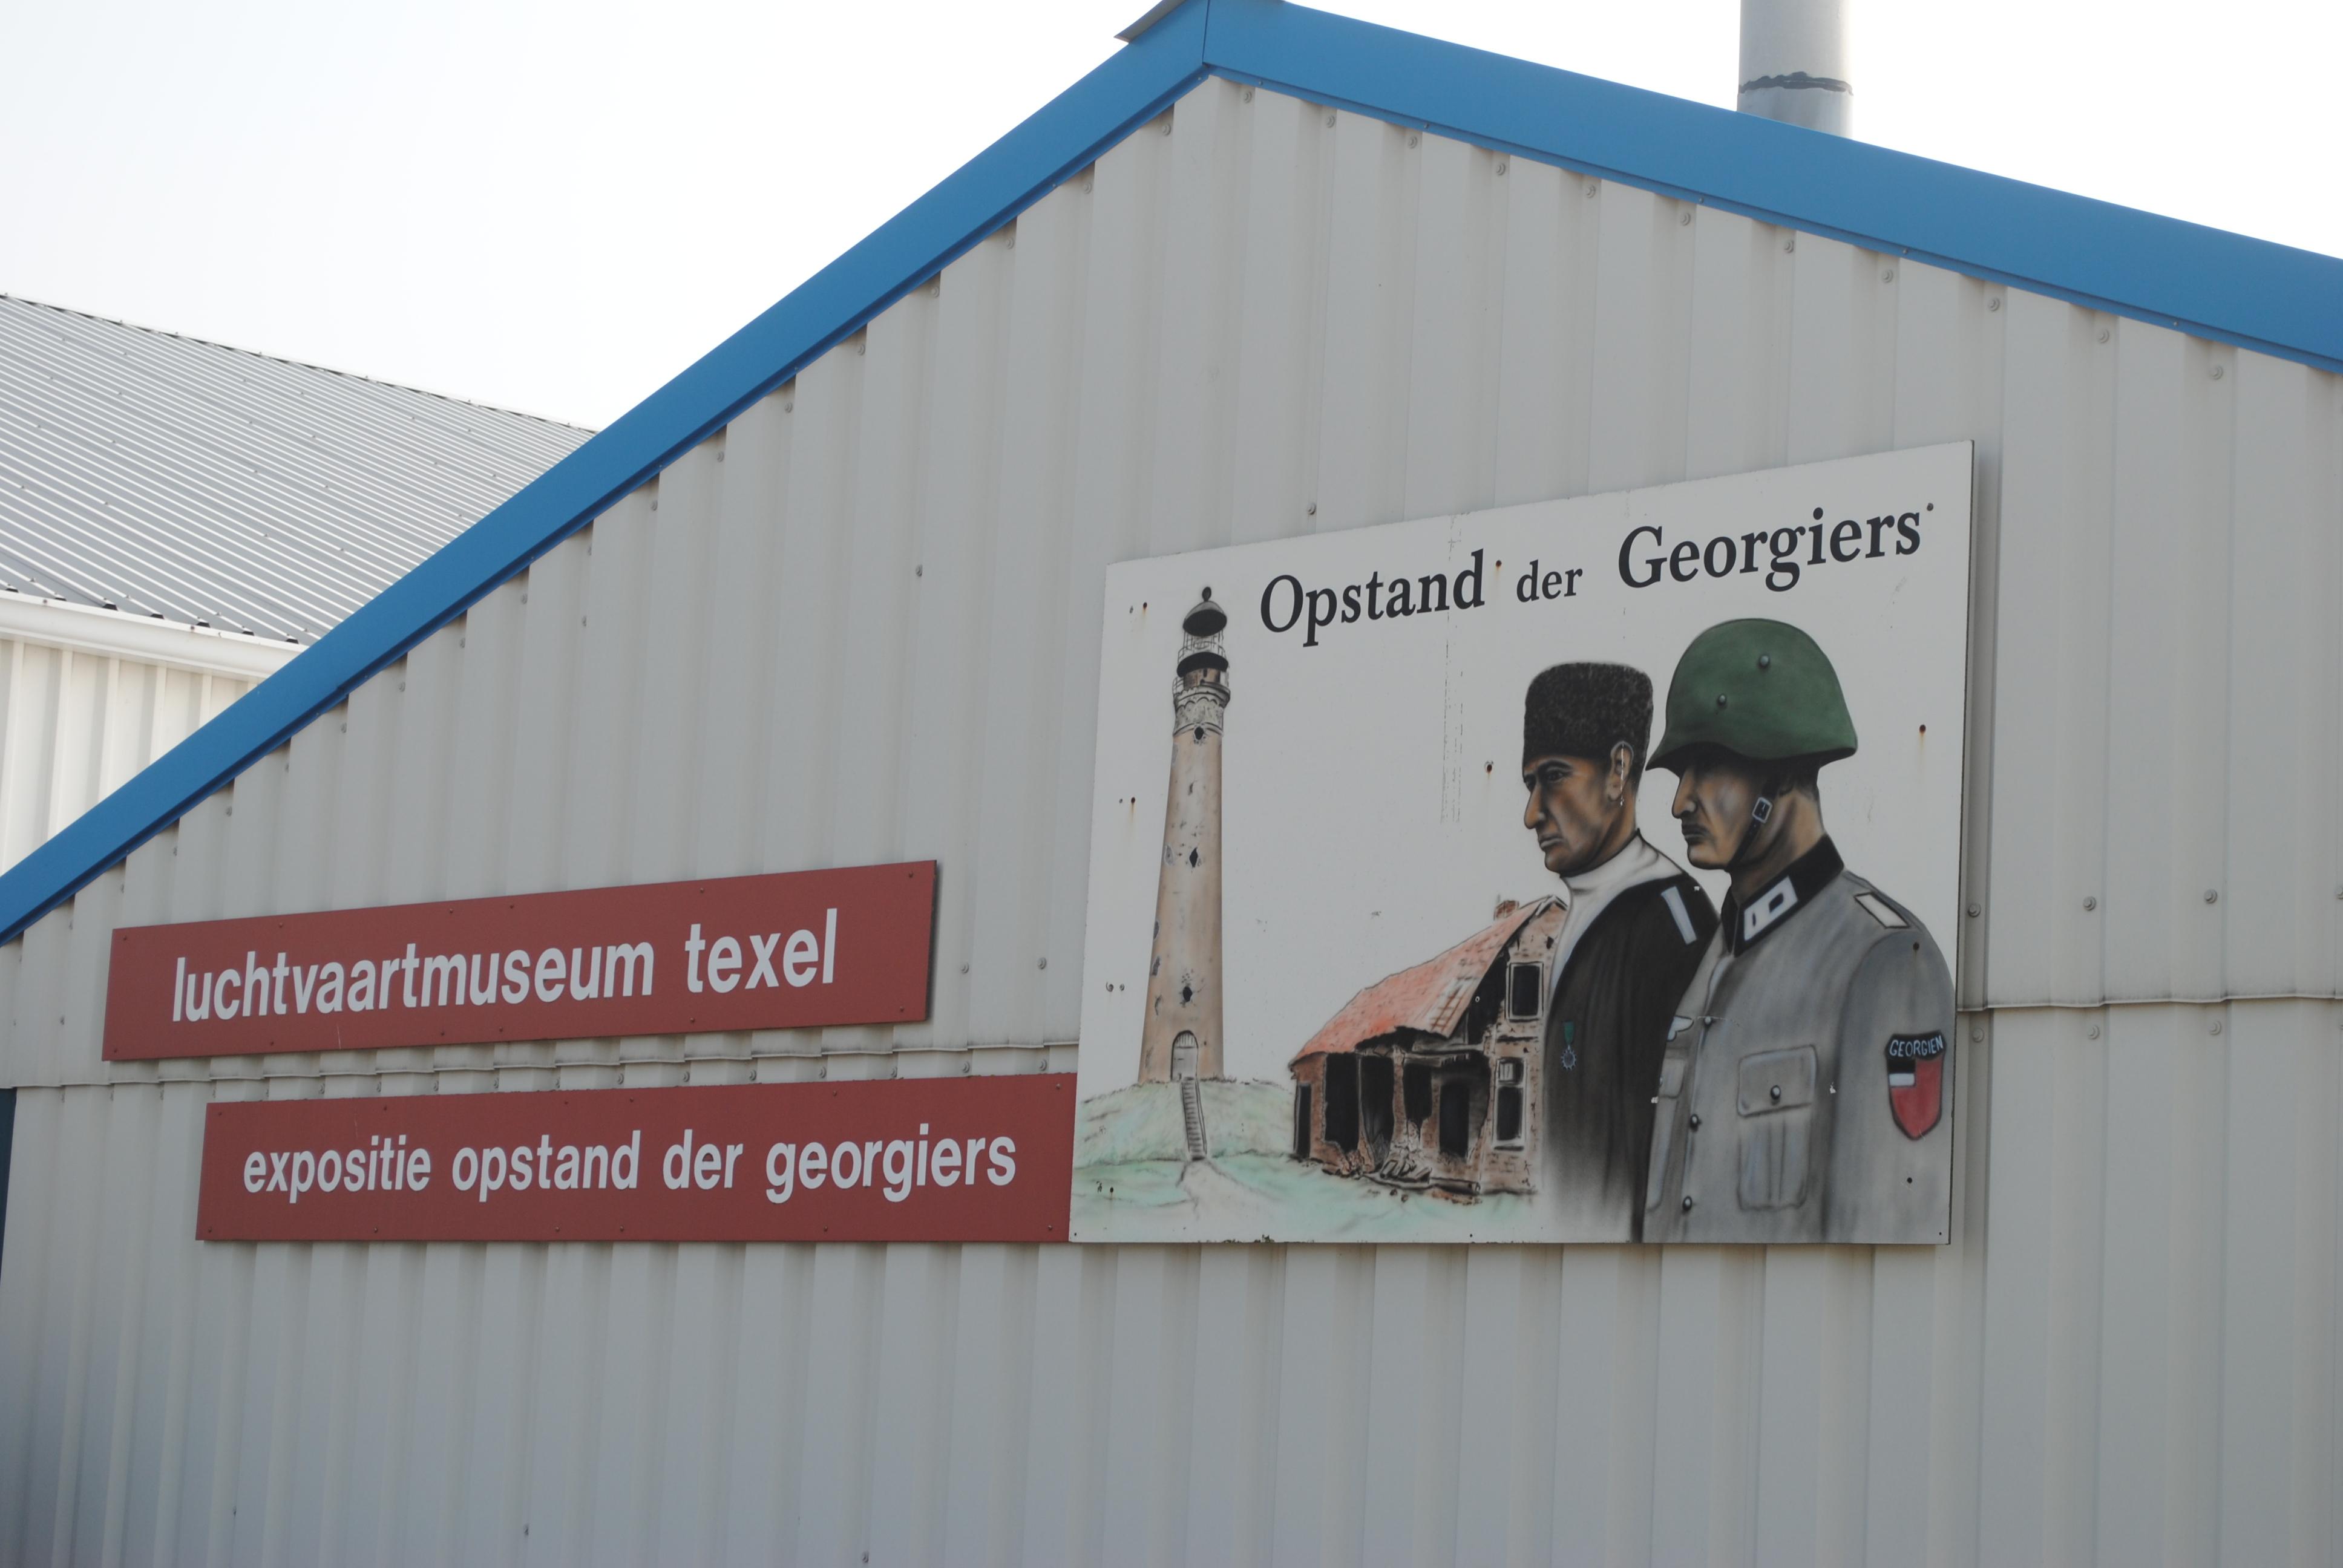 Expositie opstand der Georgiers.